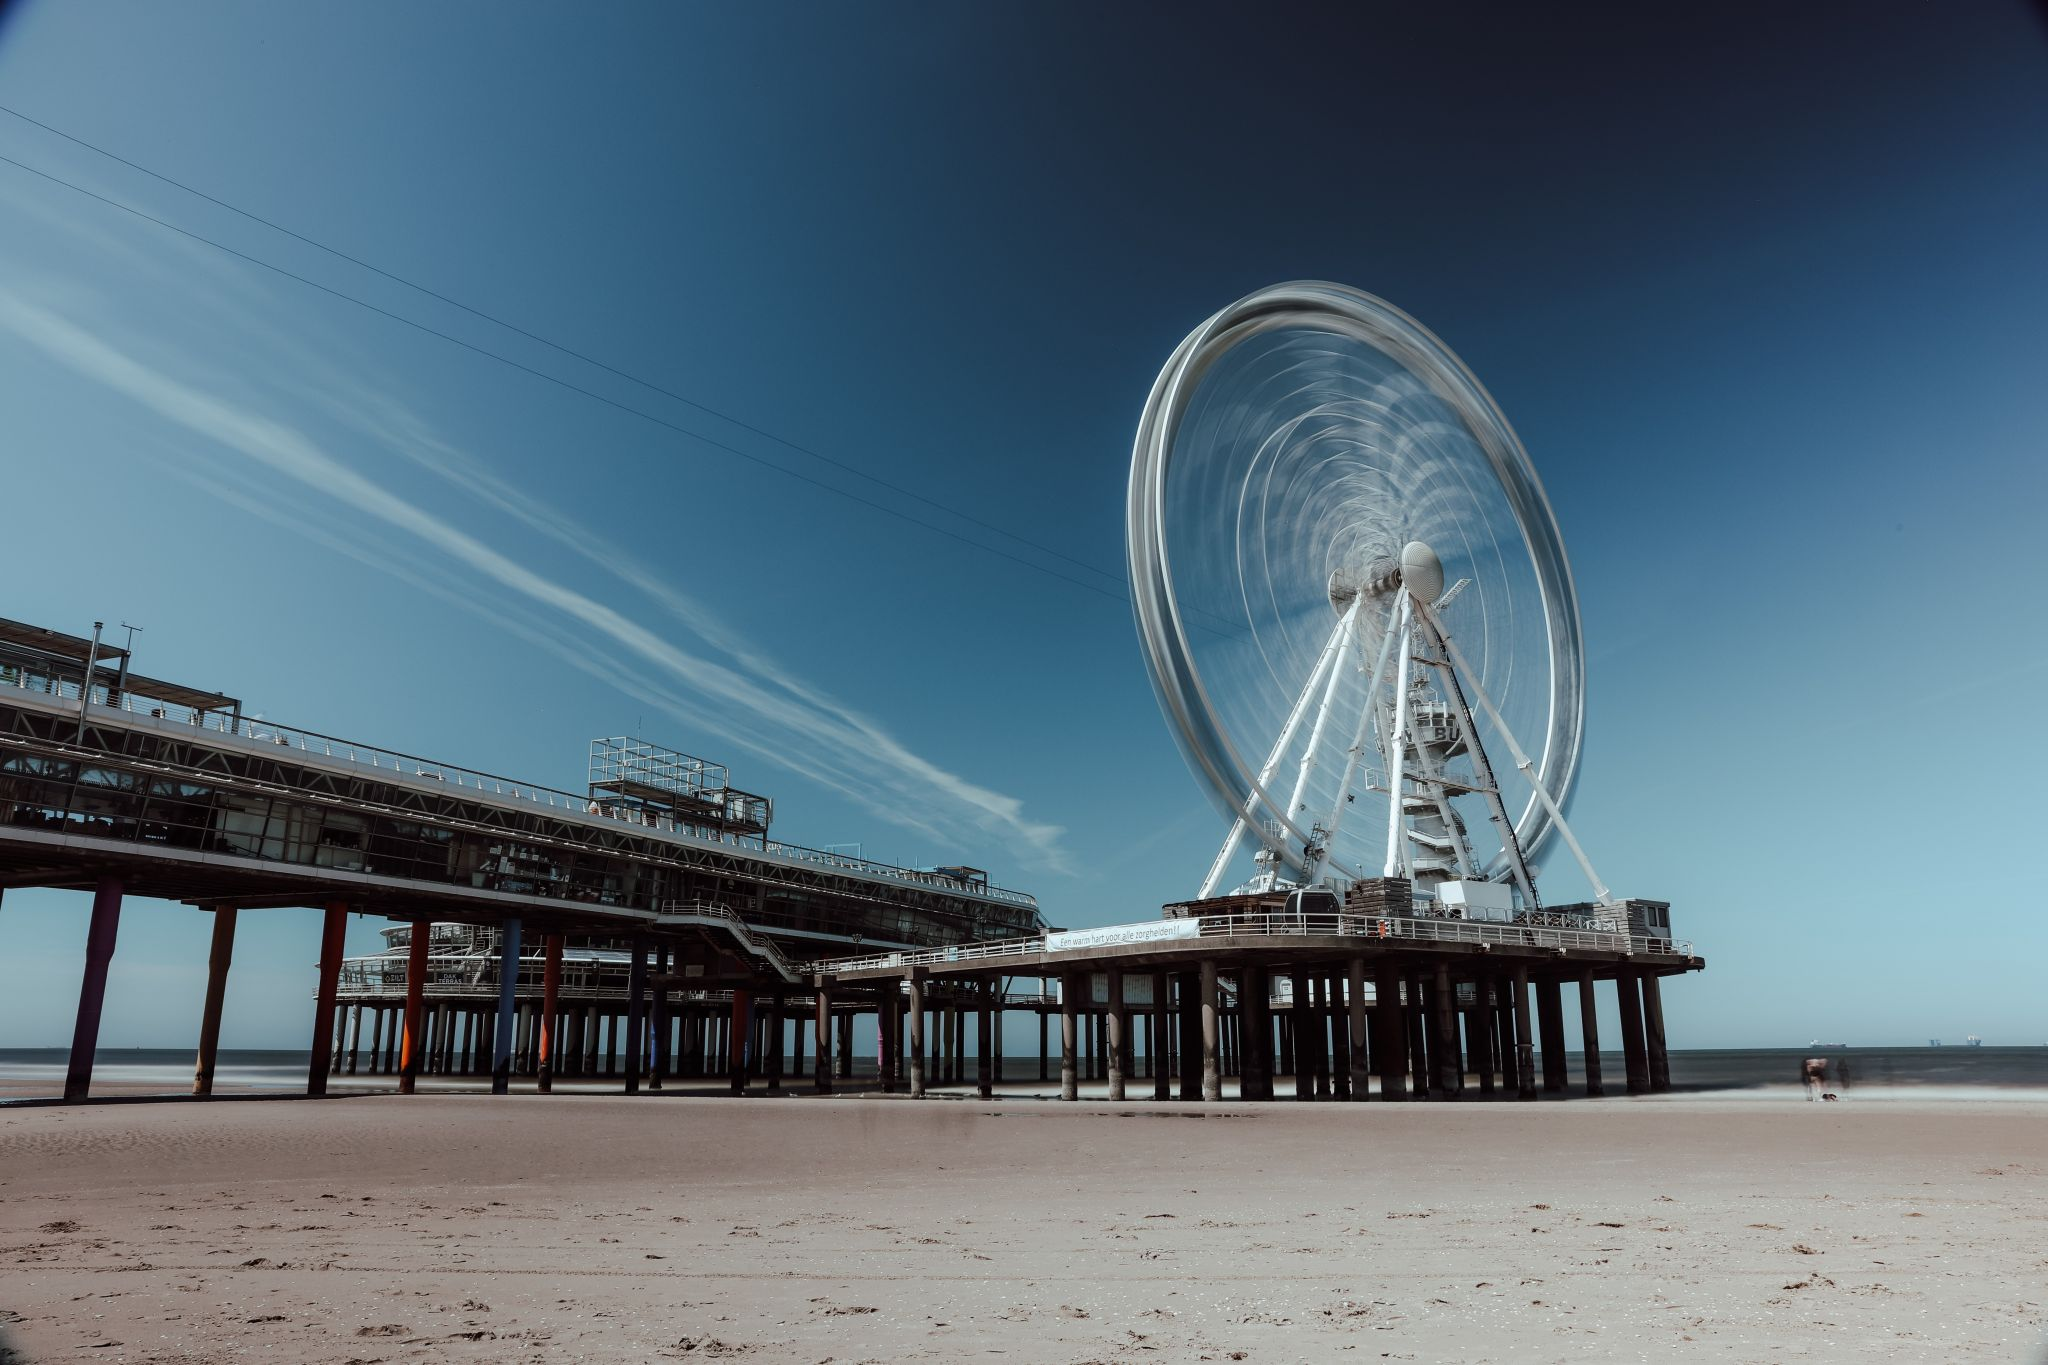 De Pier, Scheveningen, Netherlands